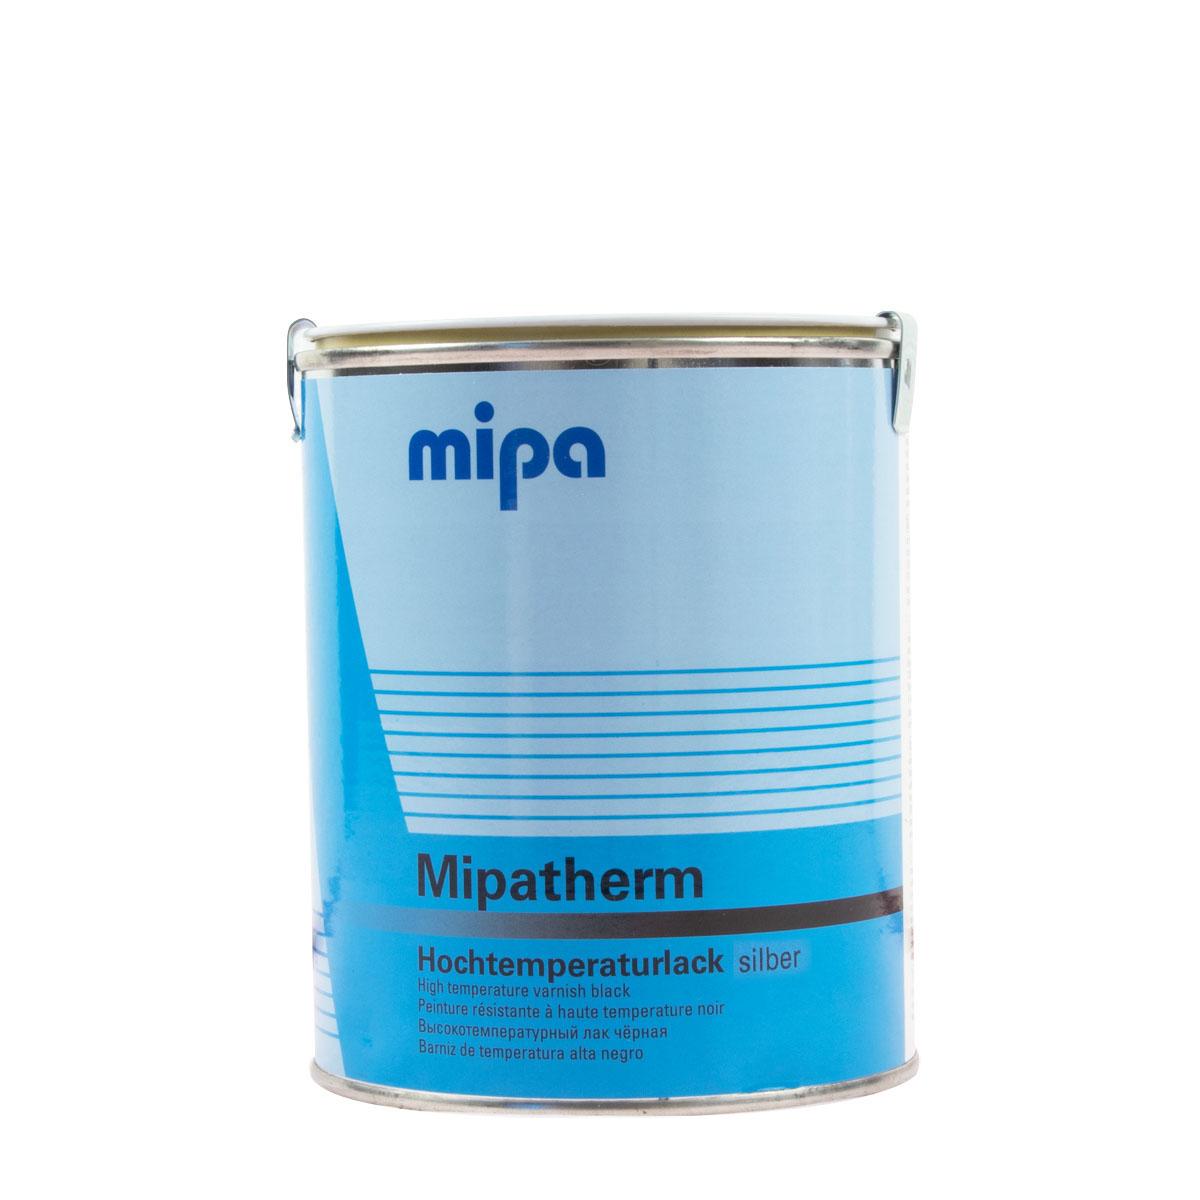 Mipa Mipatherm 750ml silber, hitzebeständig 800 °C, Ofenlack, Auspufflack